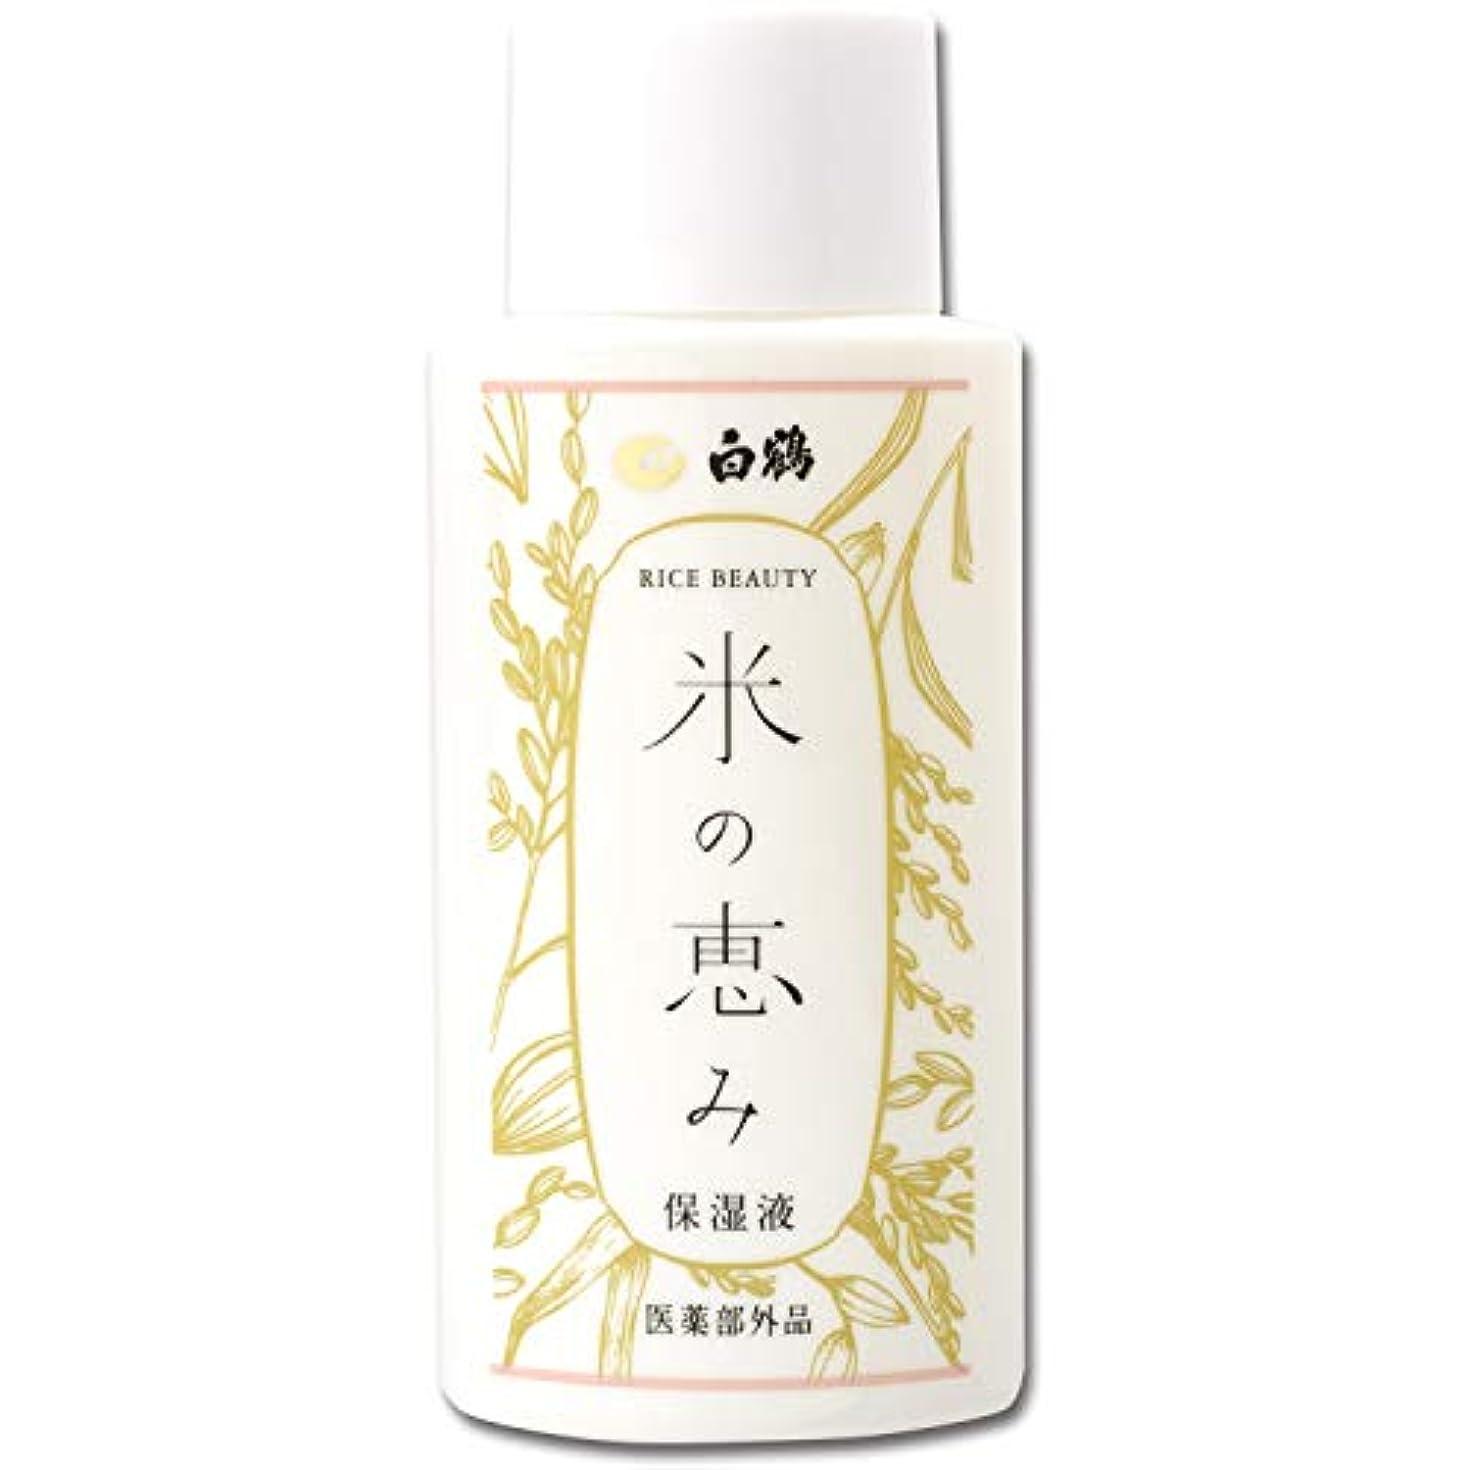 現実には回転する楽観的白鶴 ライスビューティー 米の恵み 保湿液 150ml(高保湿とろみ化粧水/医薬部外品)